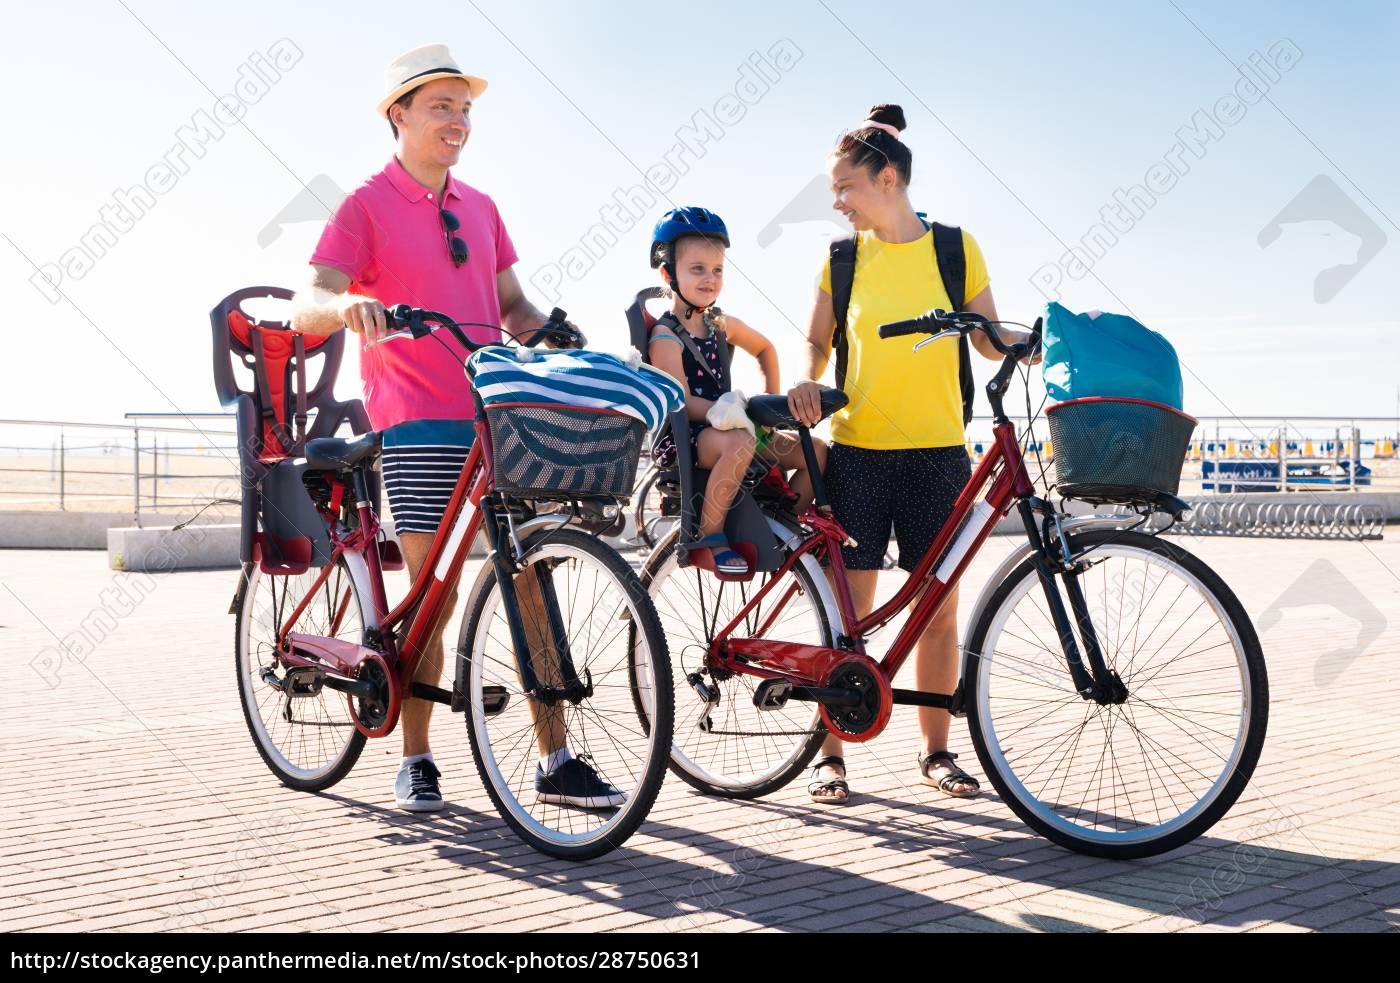 rodzinny, rower, na, zewnątrz - 28750631